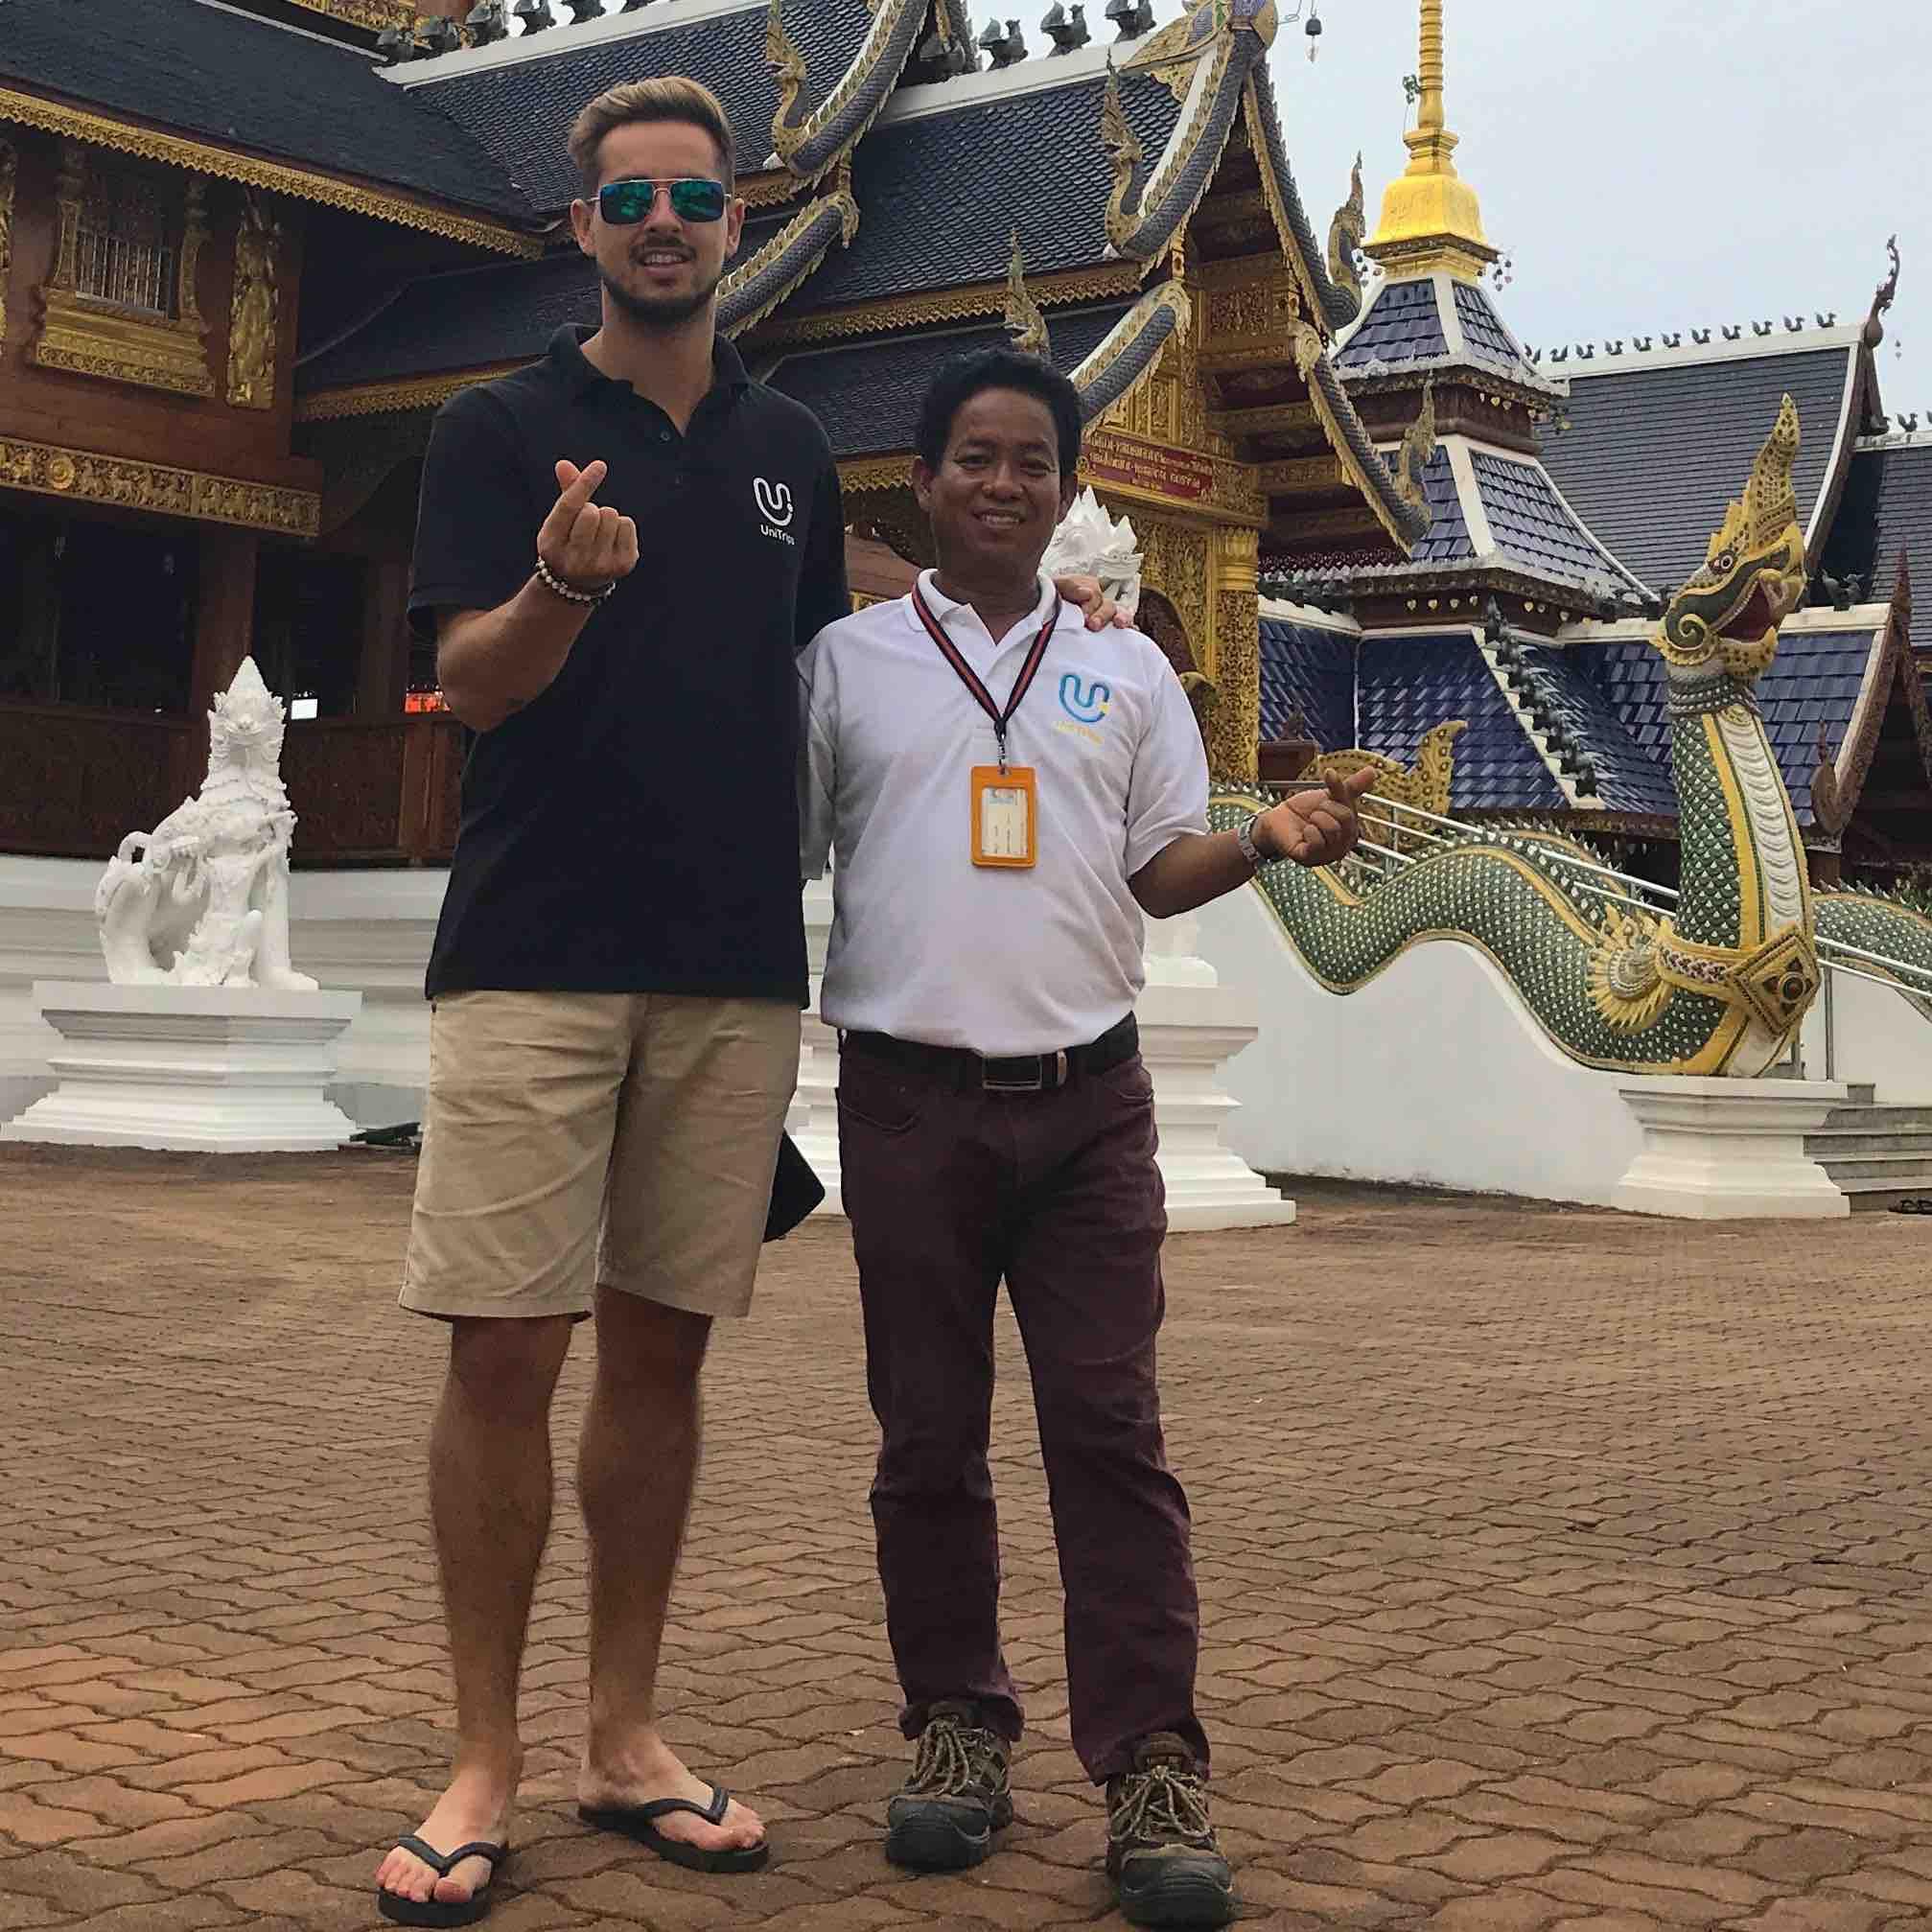 UniTrips-beste-gidsen-in-thailand-Maha & Sjobbe-small